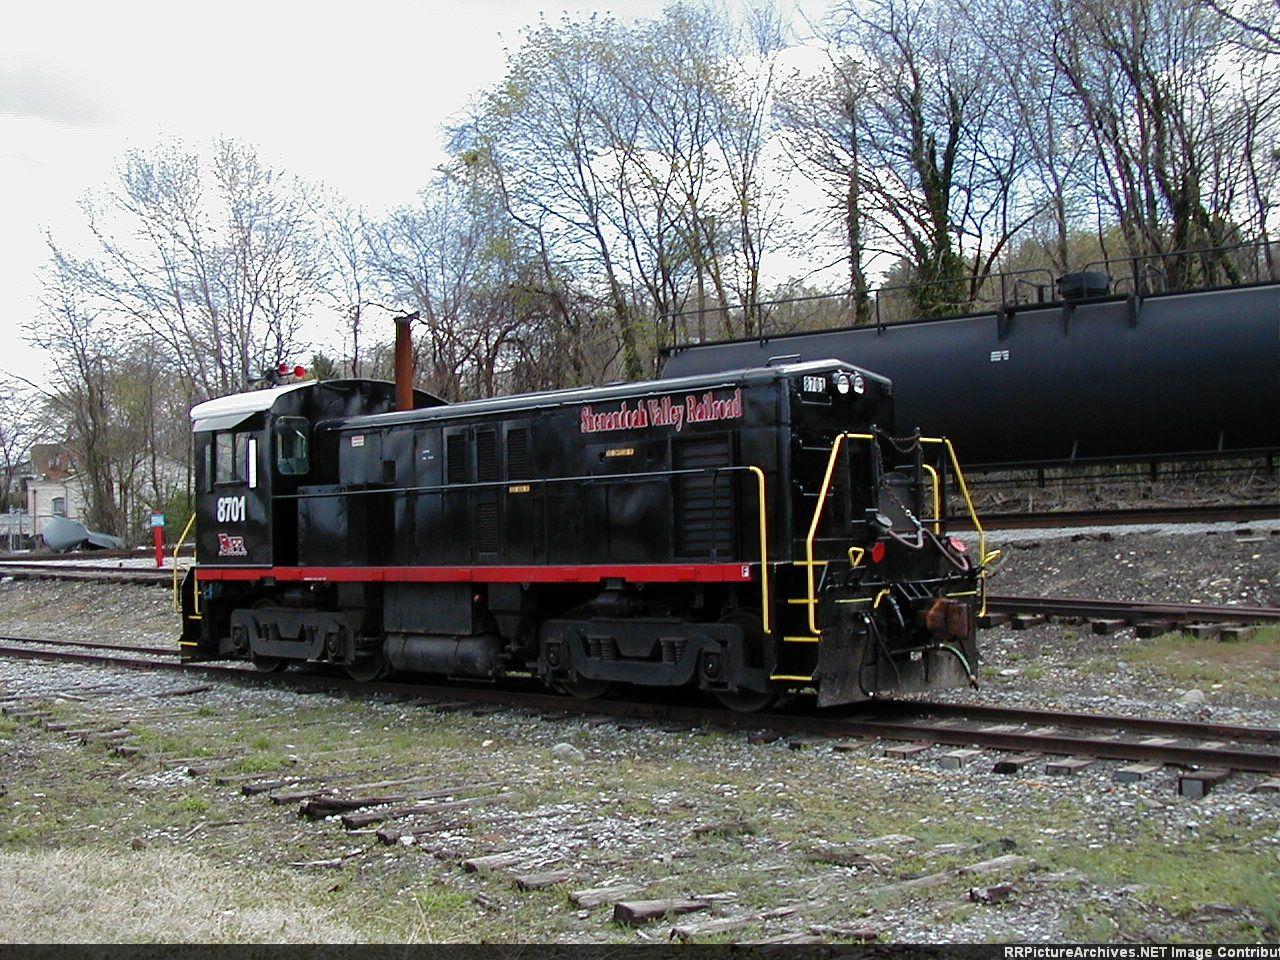 SVRR 8701